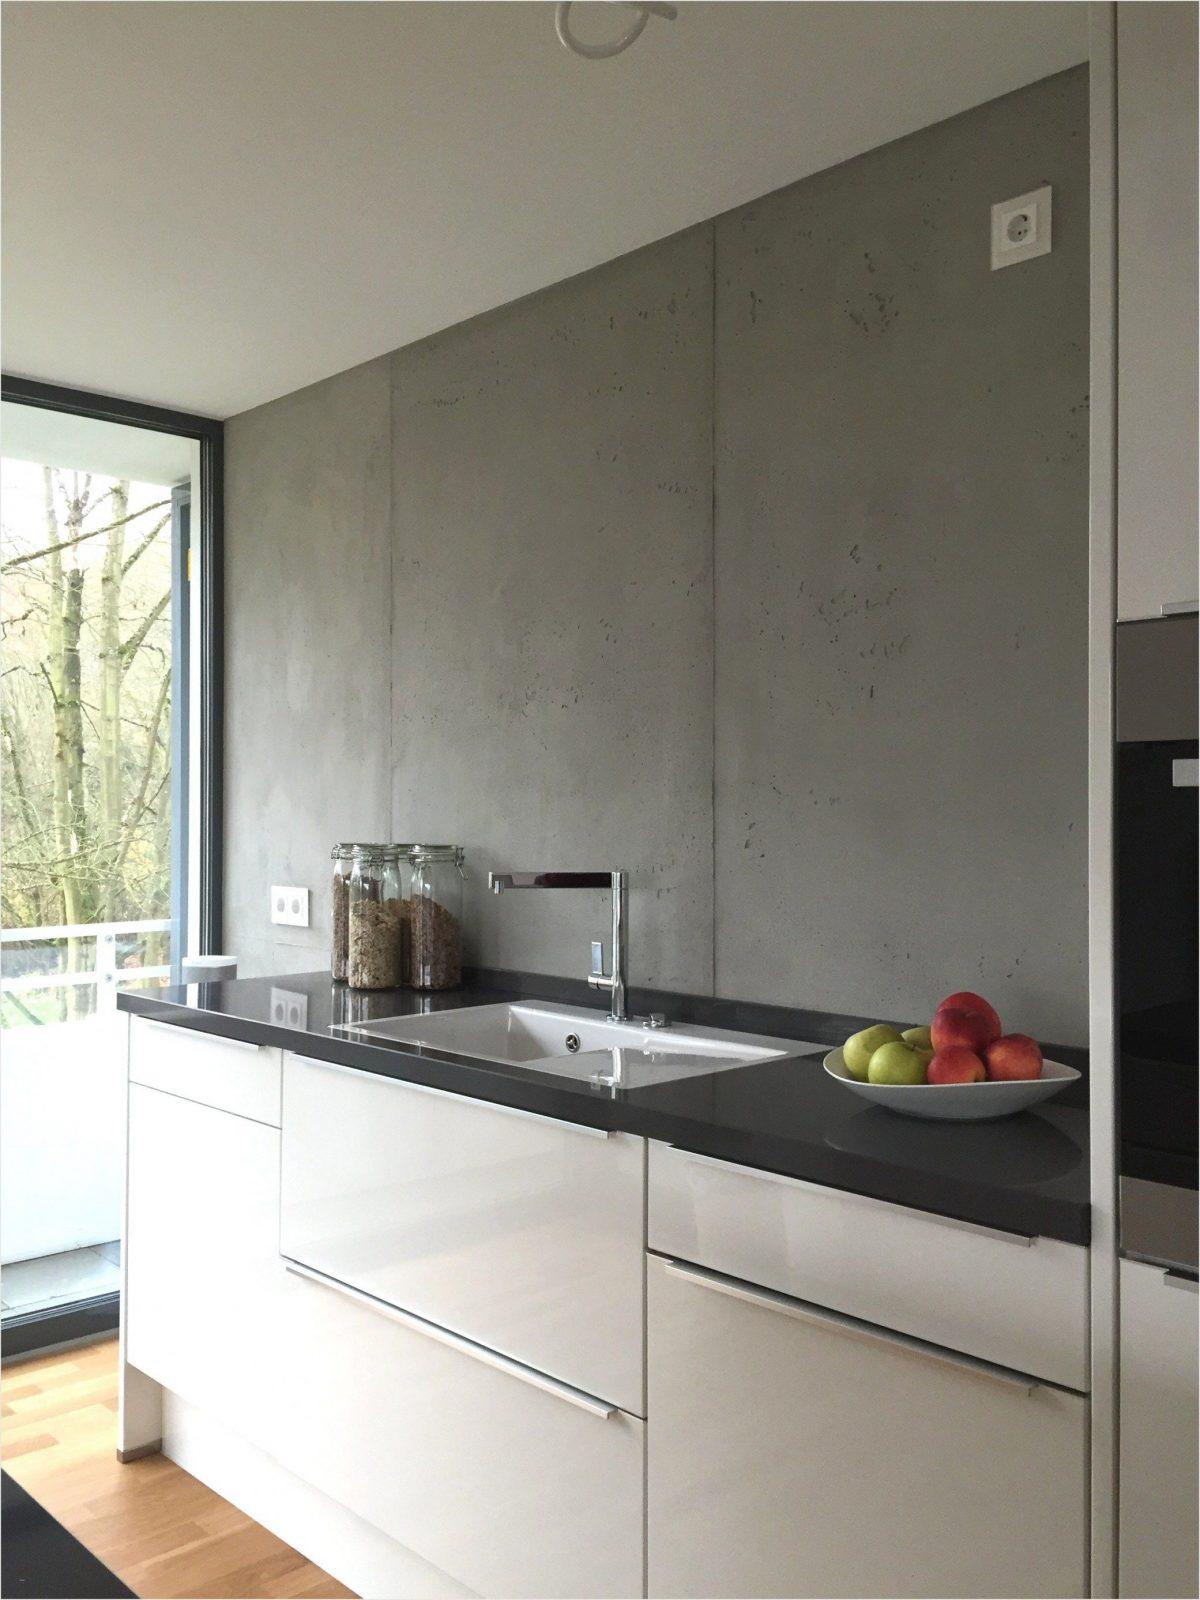 Fliesen Küche Beispiele Wunderbar Beautiful Abwaschbare Tapete Küche von Abwaschbare Tapeten Für Die Küche Photo